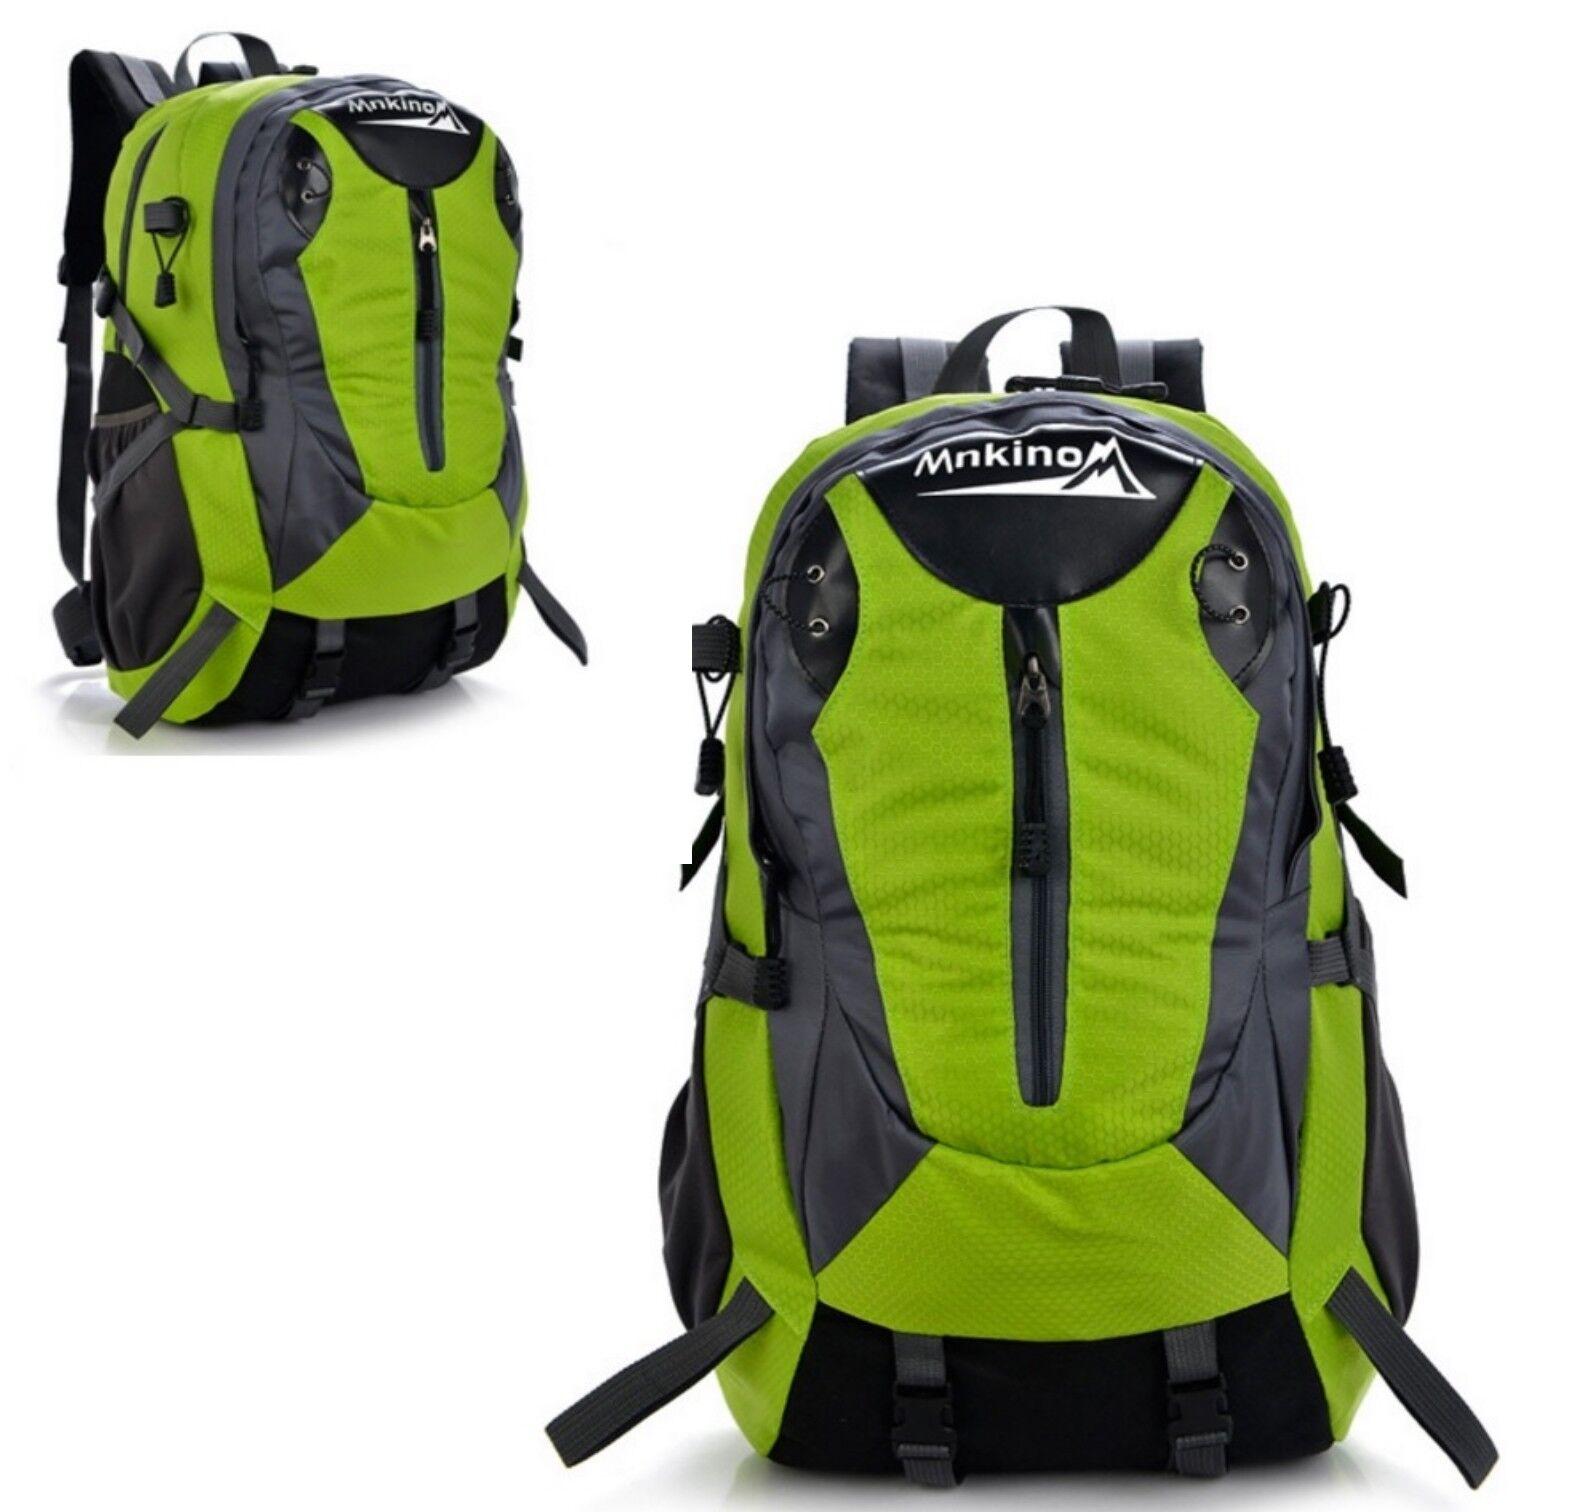 30L Rucksack Grün Freizeitrucksack Reiserucksack Camping Tasche Backpack Wandern